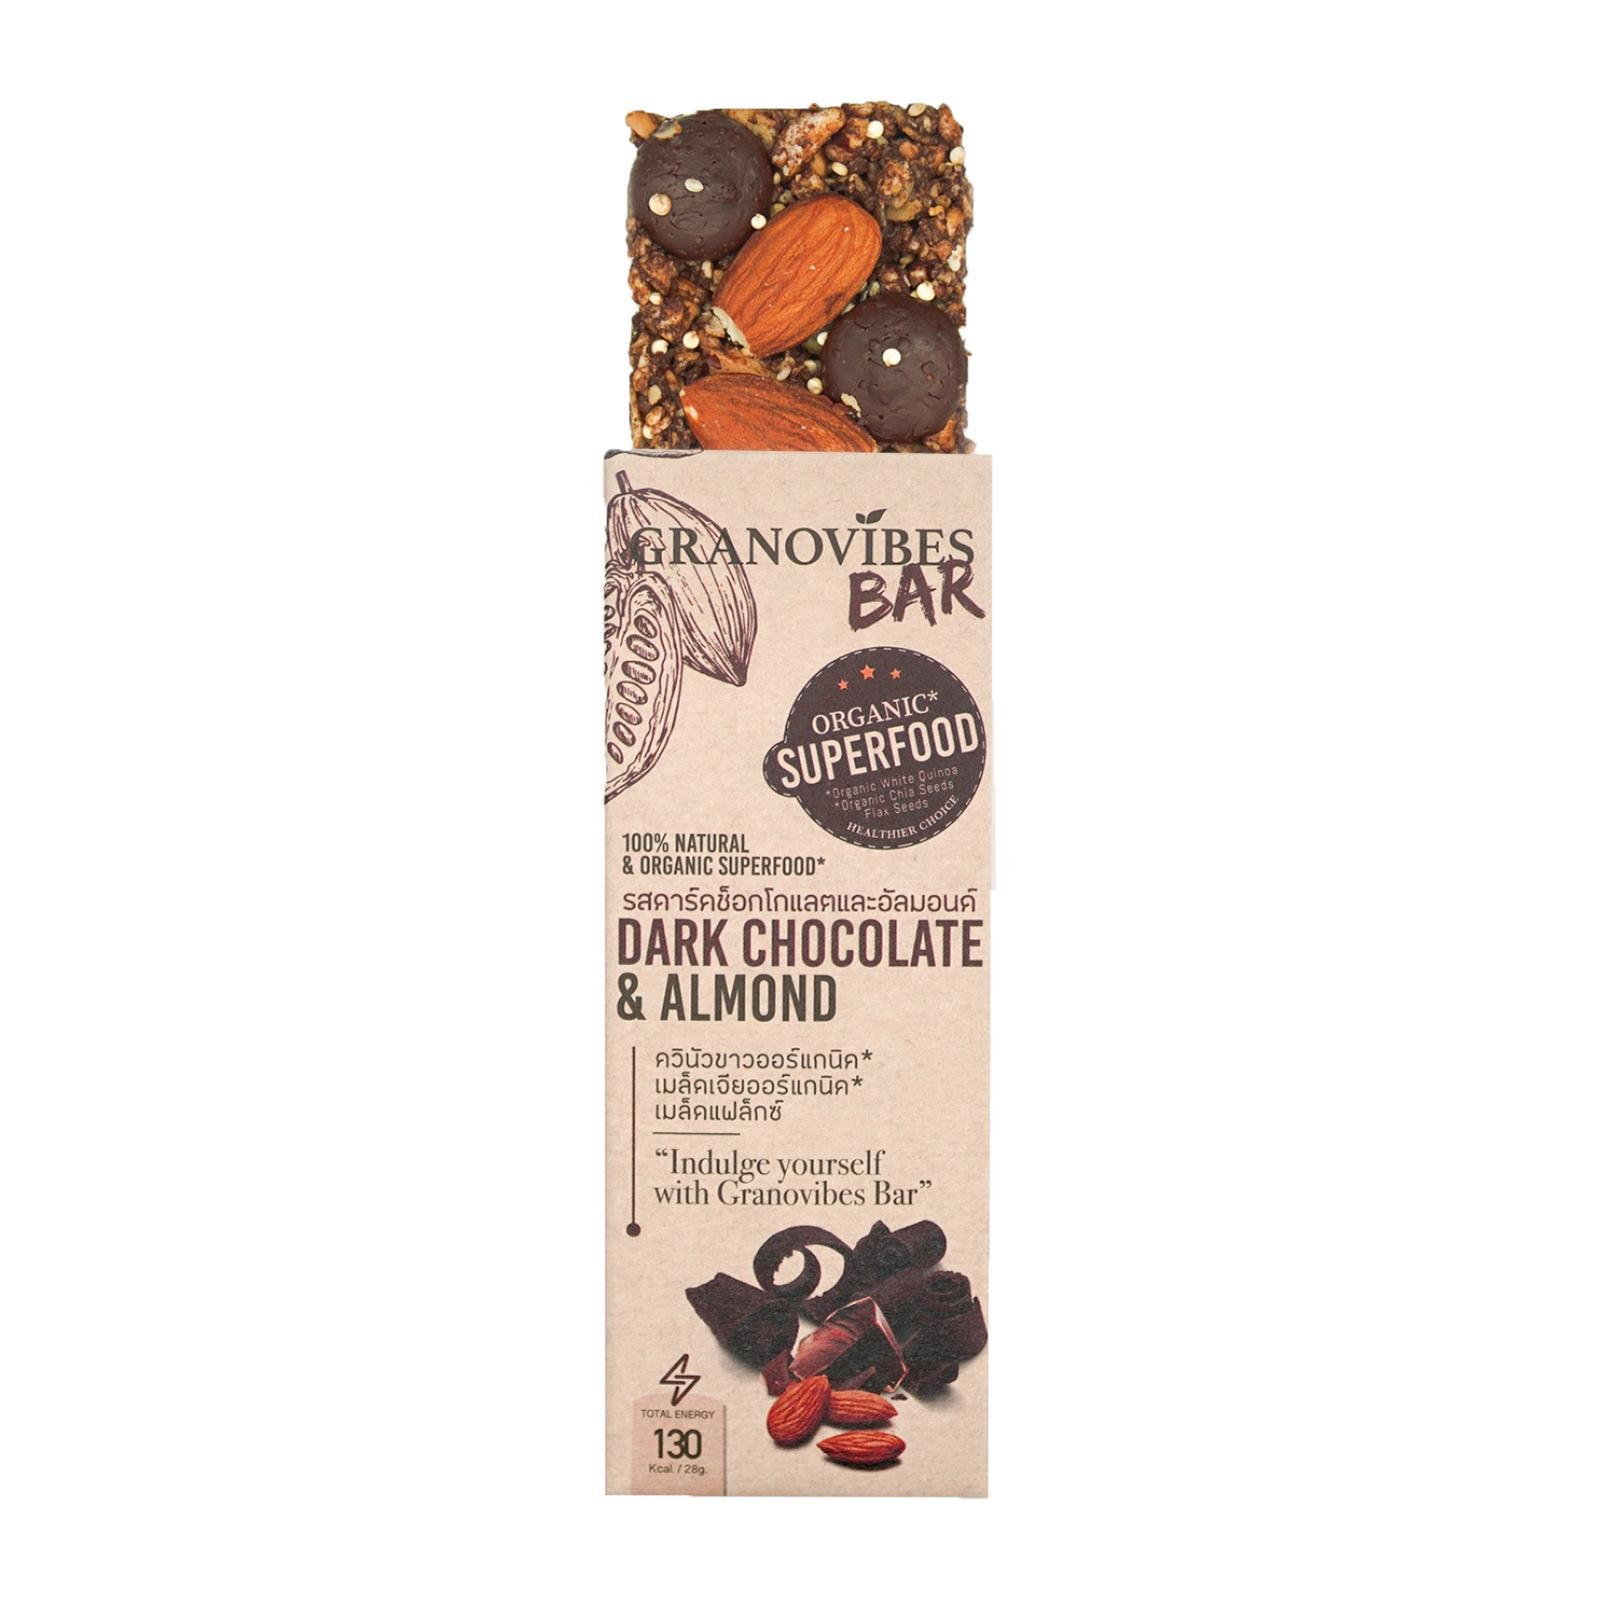 Granovibes Dark Chocolate and Almond Granola Bar